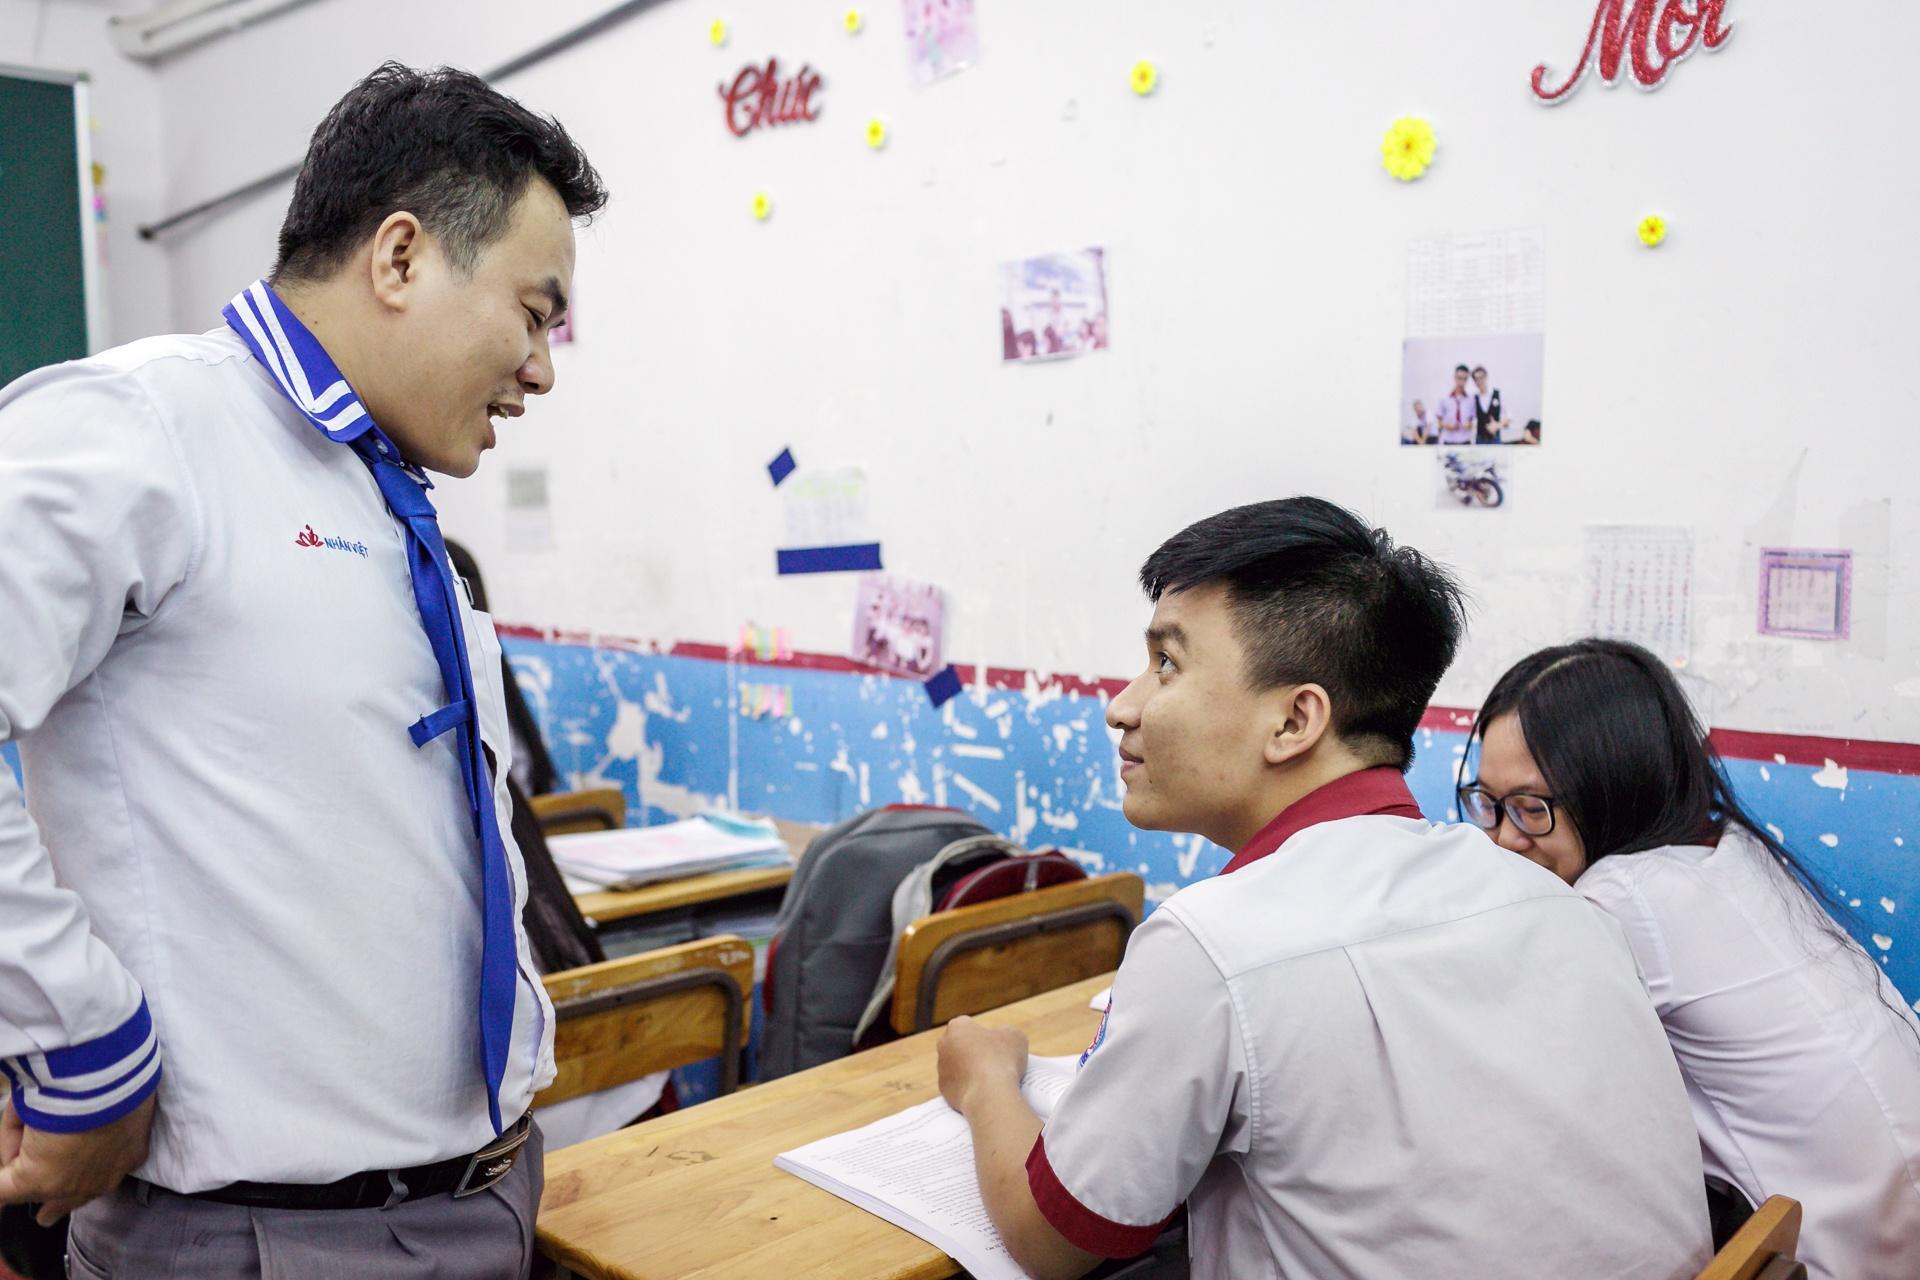 Quay cuong chinh phuc giang duong dai hoc hinh anh 32